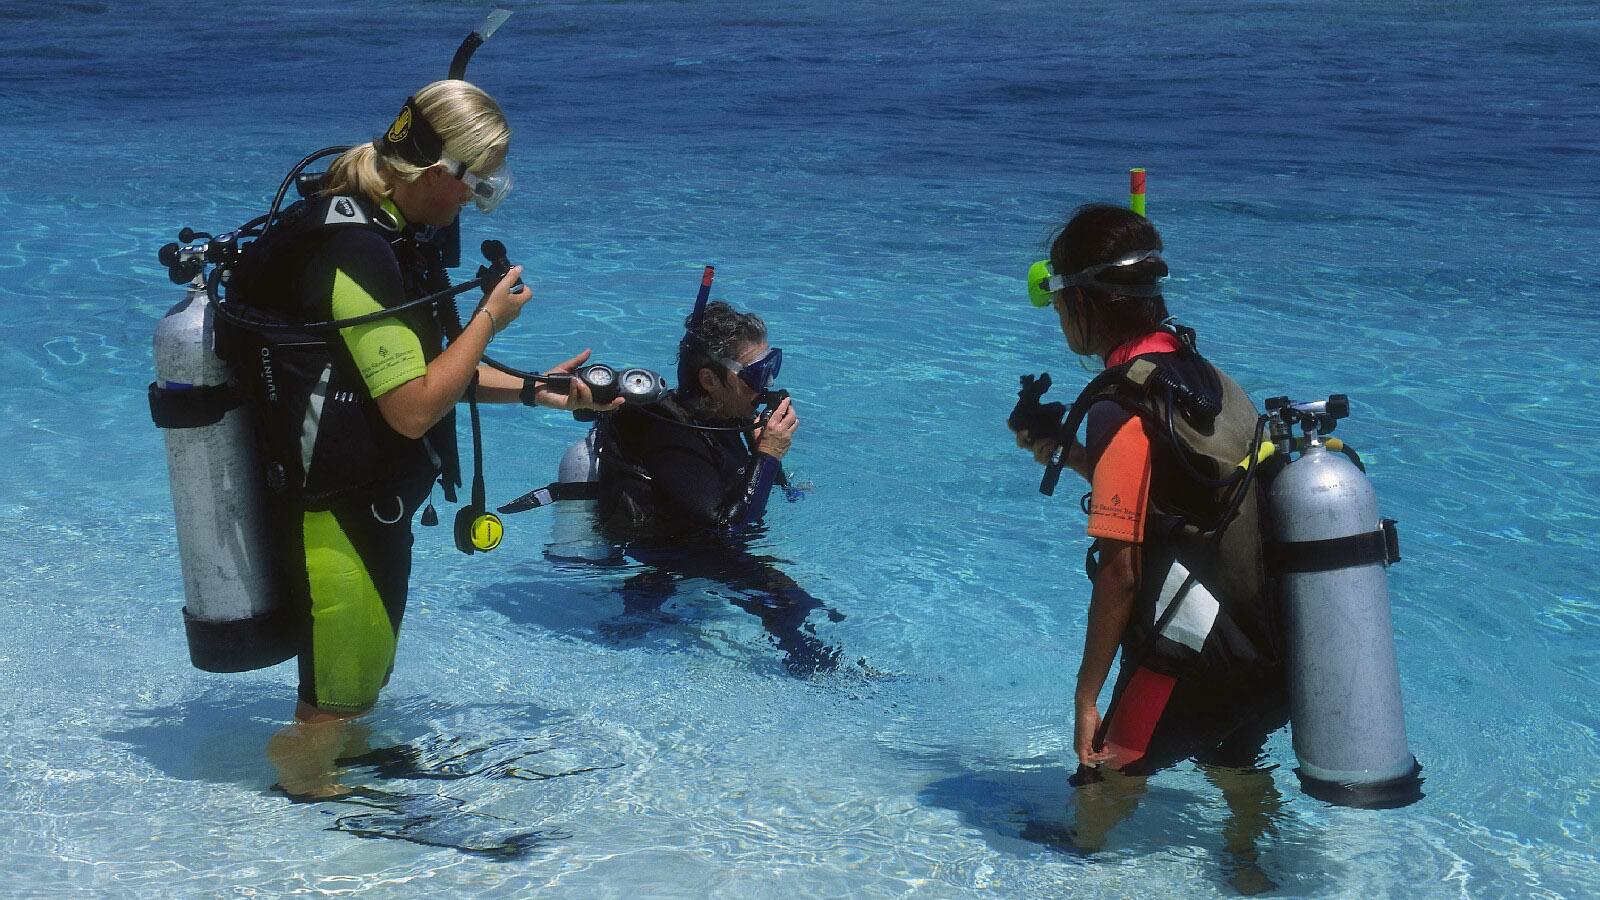 Maldives Scuba Diving Four Seasons Resort Maldives At Kuda Huraa